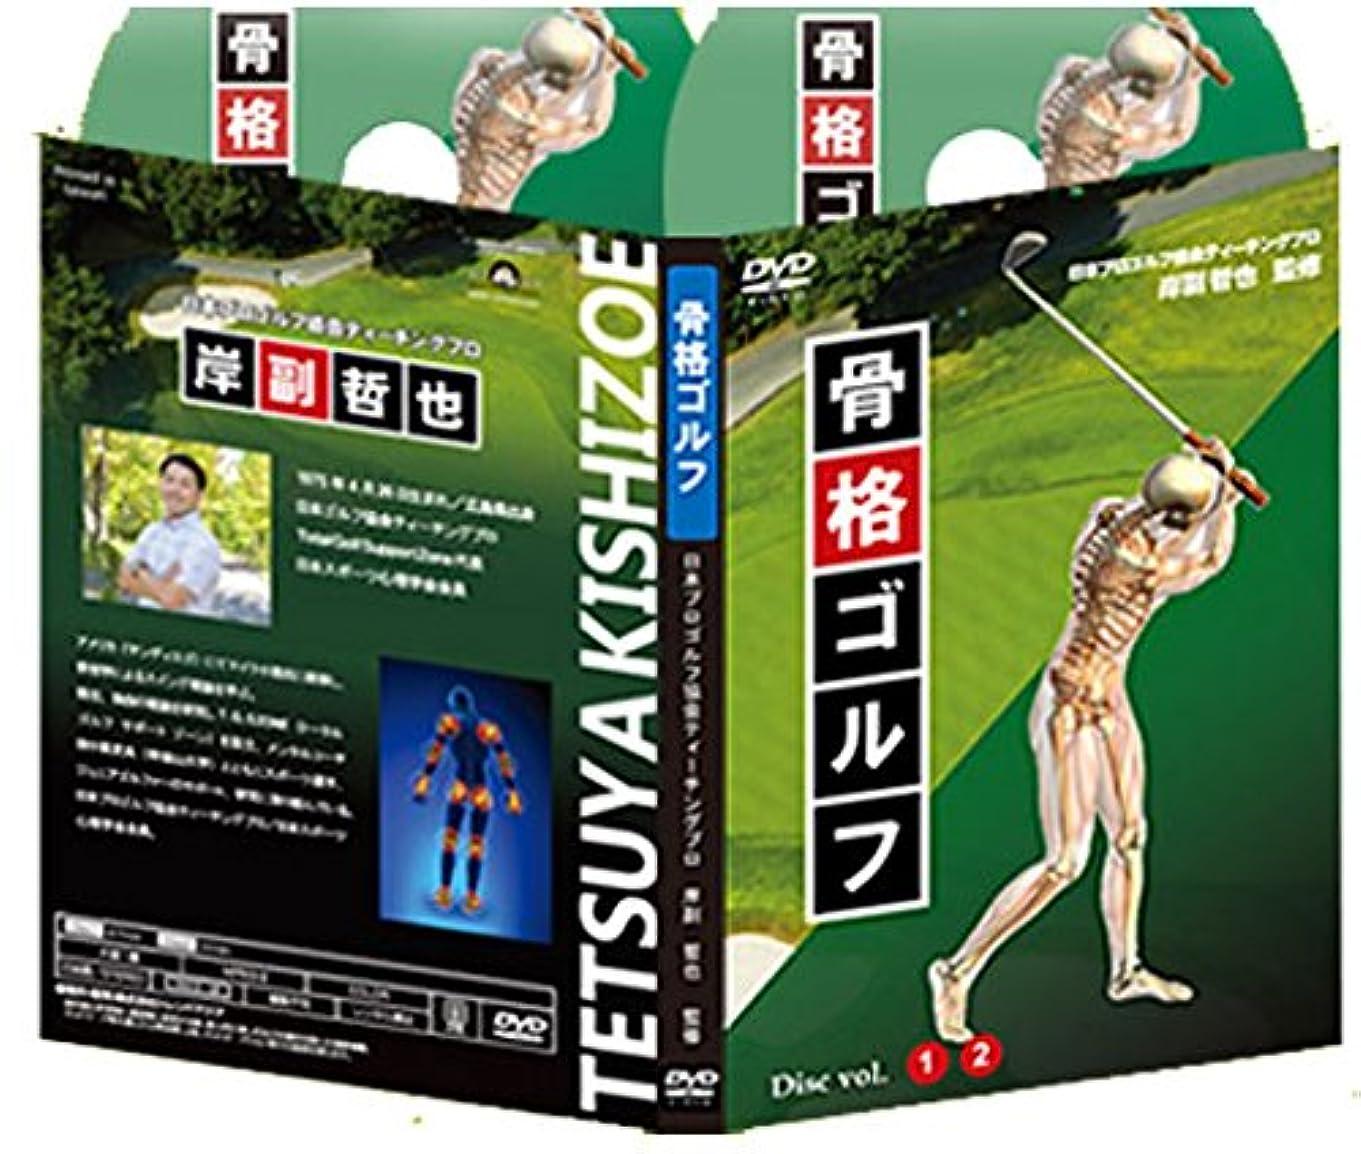 アンソロジーポーク持つ骨格ゴルフ~若い頃と同じスイングができる為の年齢に合わせた体の使い方~2枚組DVD